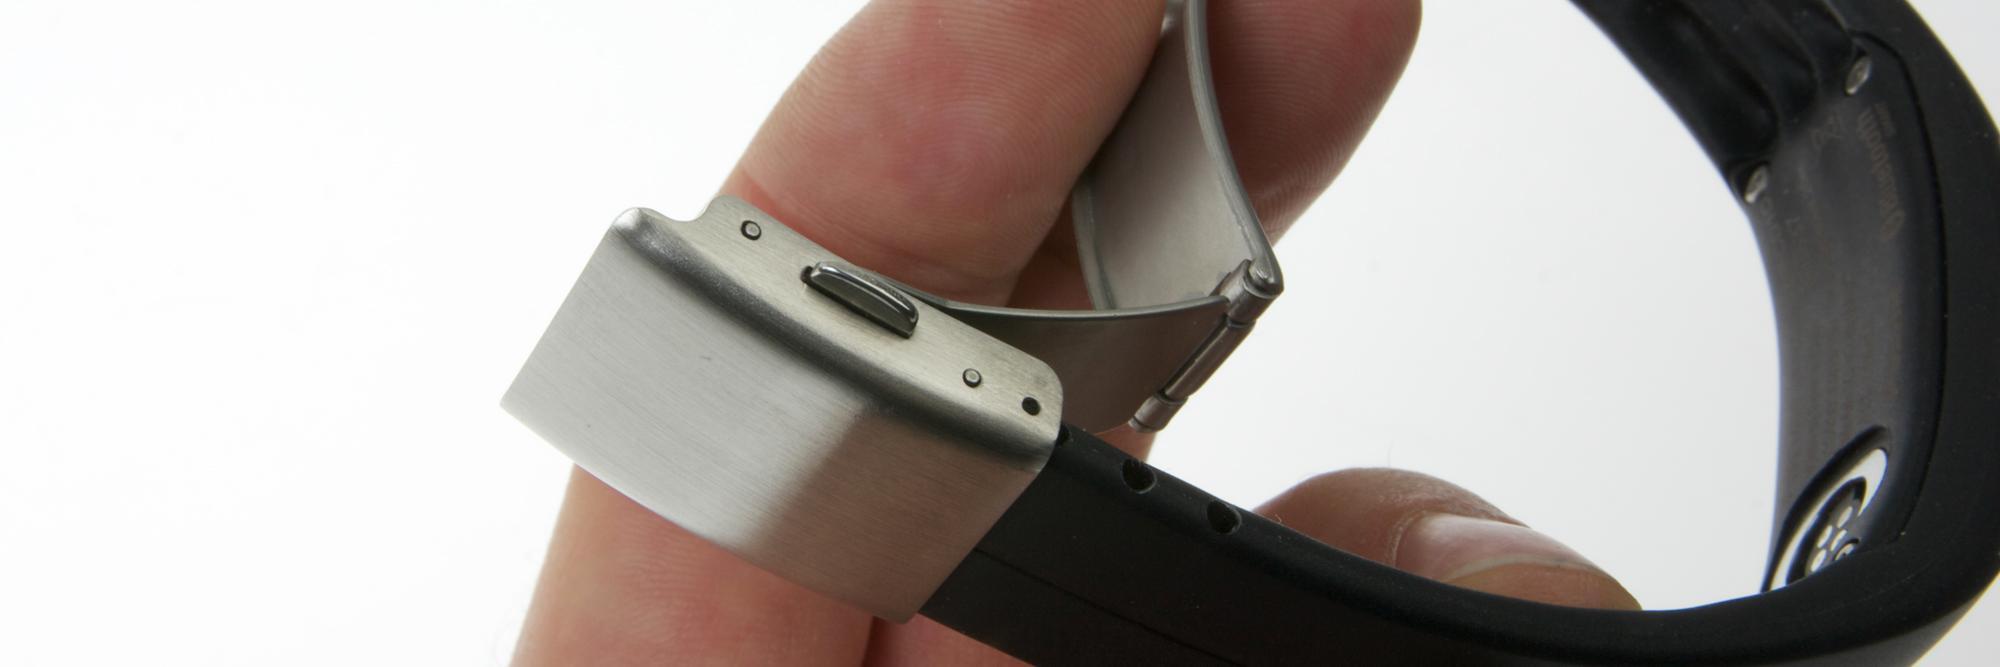 Du må tilpasse lengden på reimen før du kan bruke armbåndet.Foto: Kurt Lekanger, Amobil.no